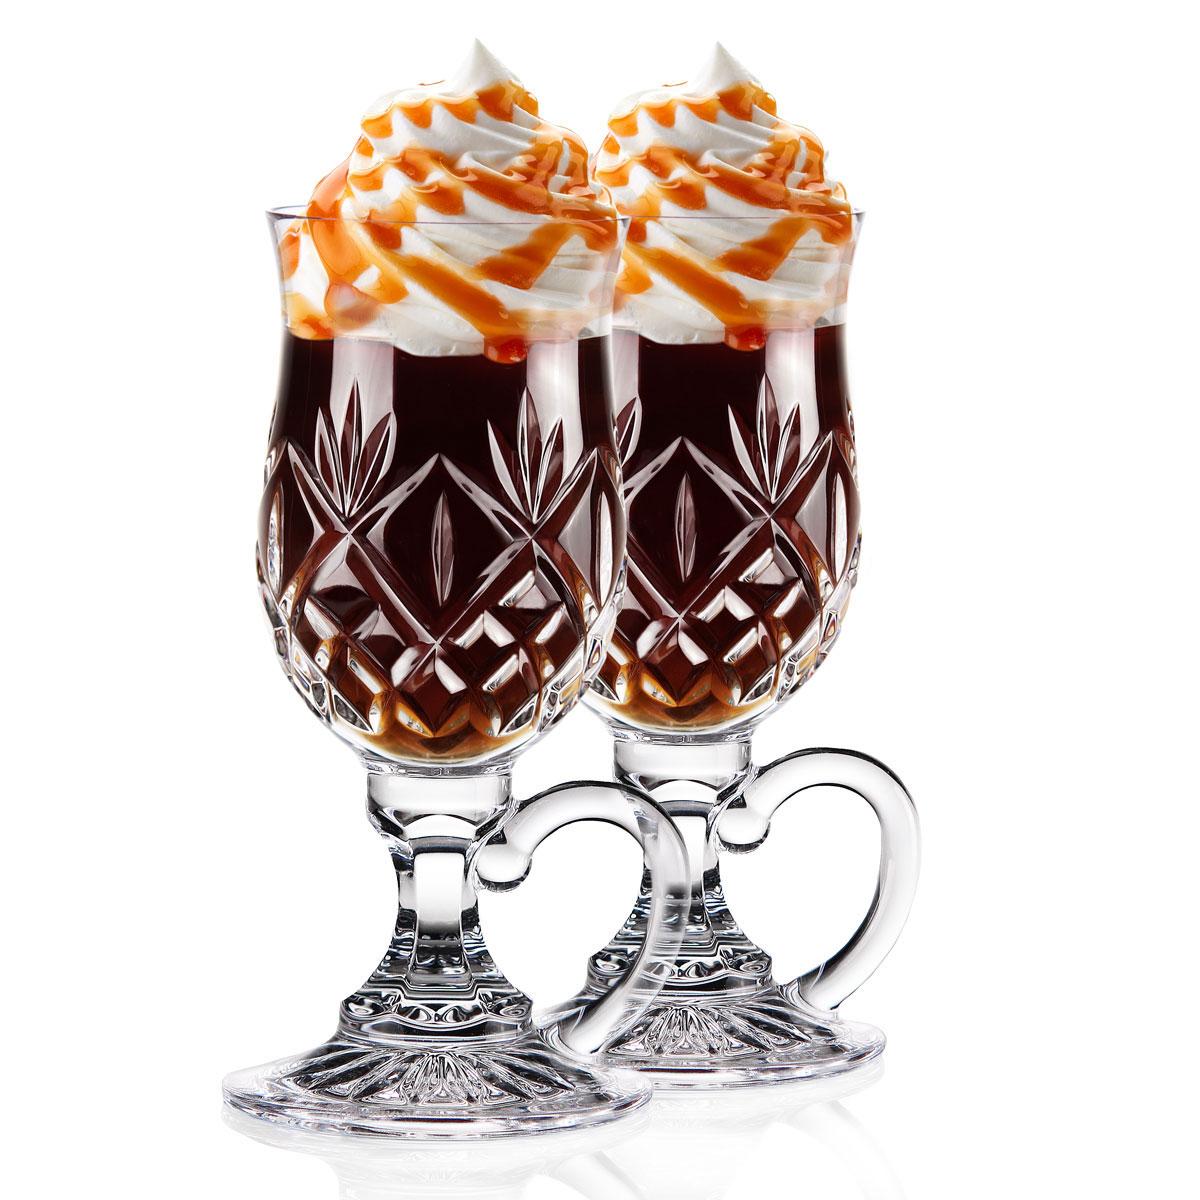 Waterford Huntley Irish Coffee Crystal Glasses, Pair